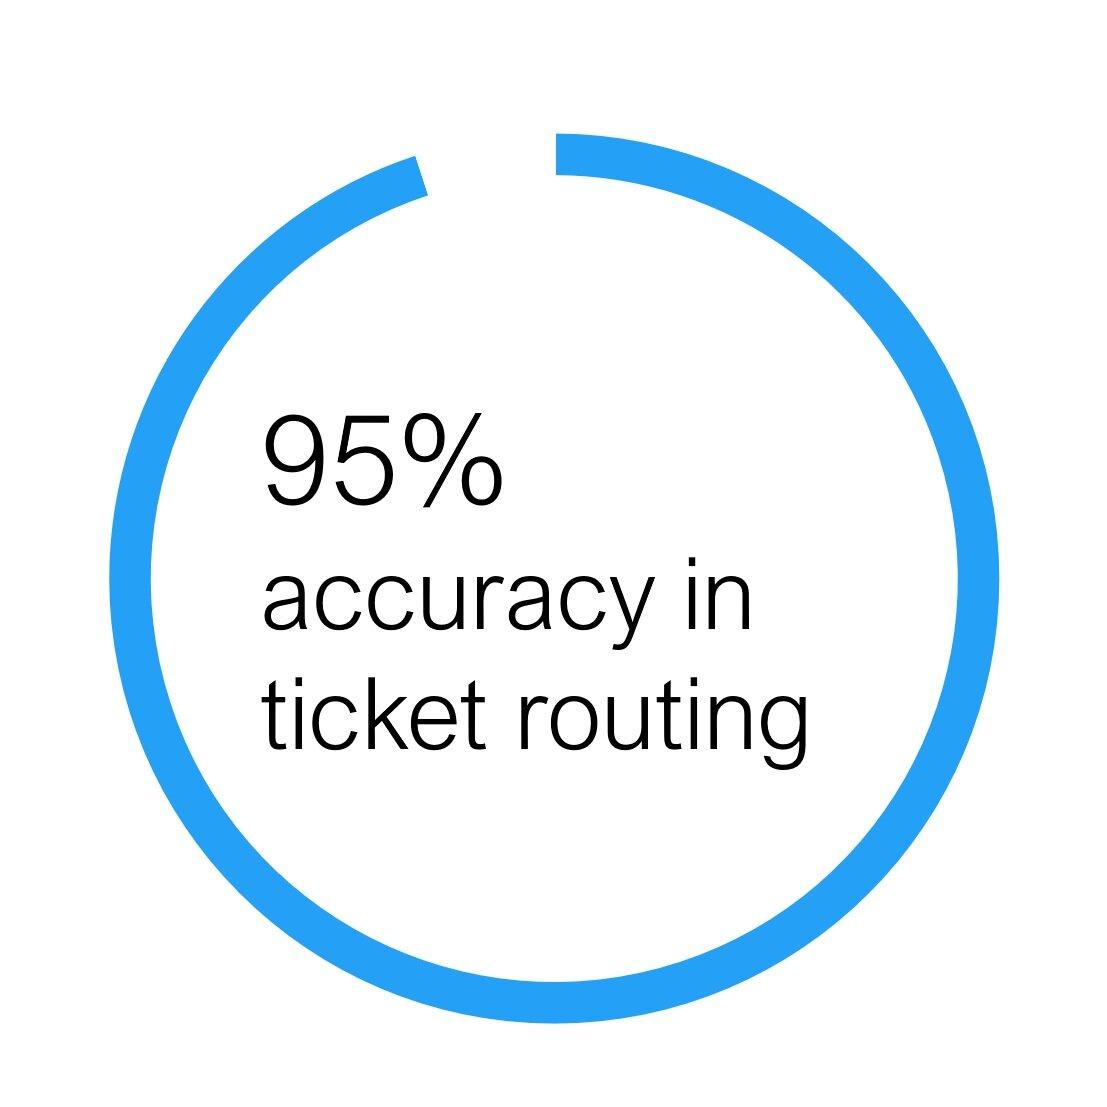 TicketRoutingStats1.jpg